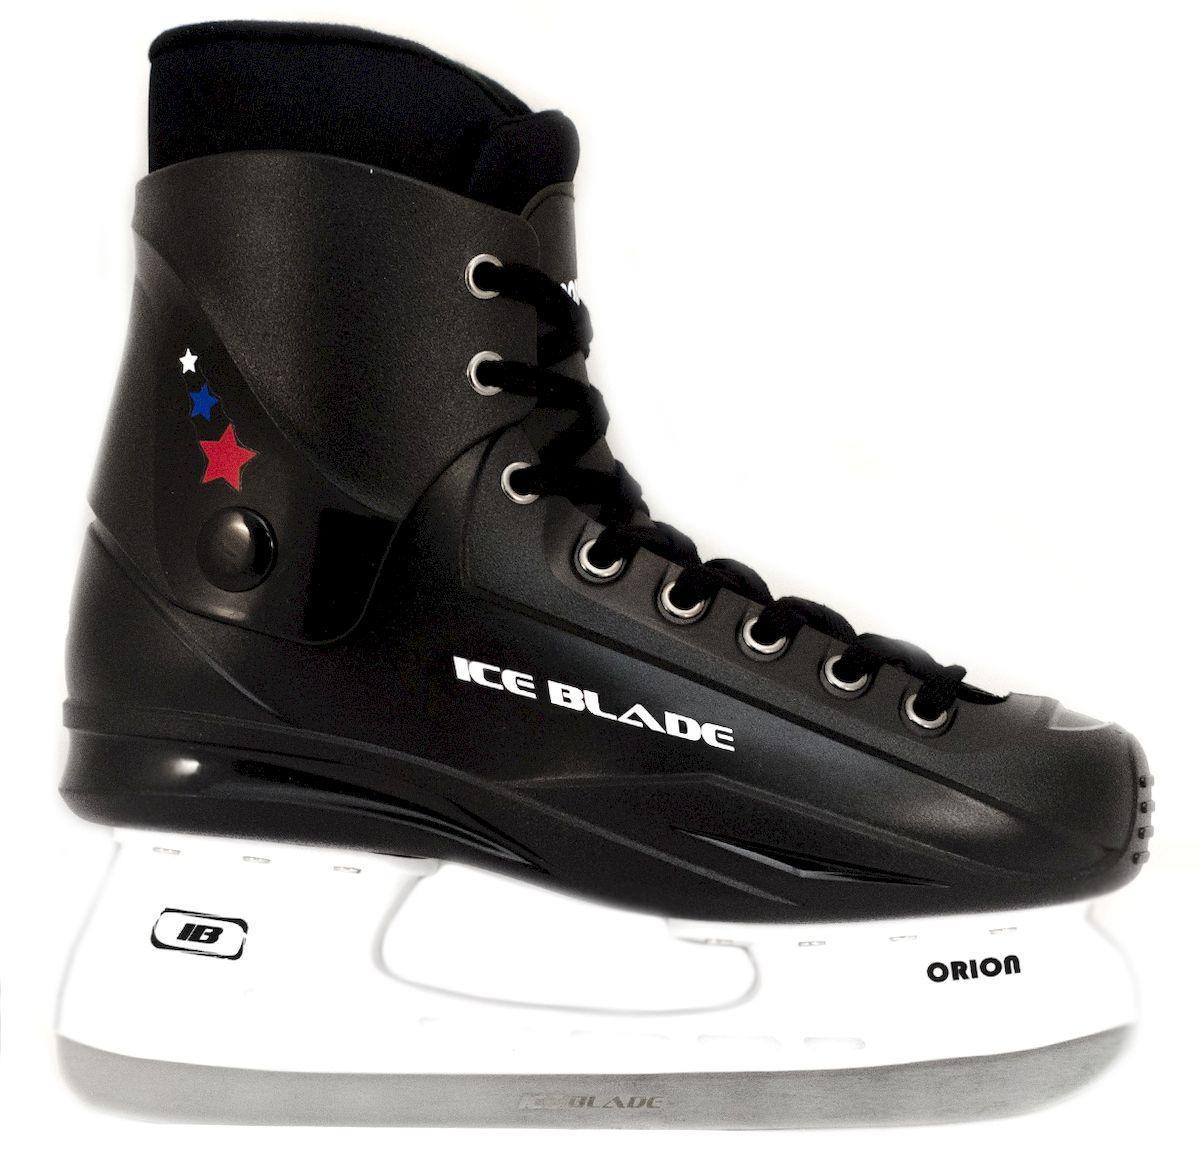 Коньки хоккейные Ice Blade Orion, цвет: черный. УТ-00004984. Размер 46УТ-00004984Коньки хоккейные Ice Blade Orion - это хоккейные коньки для любых возрастов. Конструкция прекрасно защищает стопу, очень комфортна для активного катания, а также позволяет играть в хоккей. Легкий ботинок очень комфортный как для простого катания на льду, так и для любительского хоккея. Ботинок выполнен из высококачественного морозостойкого пластика и нейлоновой сетки. Внутренний сапожок утеплен мягким и дышащим вельветом, а язычок усилен специальной вставкой для большей безопасности стопы. Лезвие изготовлено из высокоуглеродистой стали, что гарантирует прочность и долговечность.Удобная система фиксации ноги и улучшенная колодка сделают катание комфортным и безопасным.